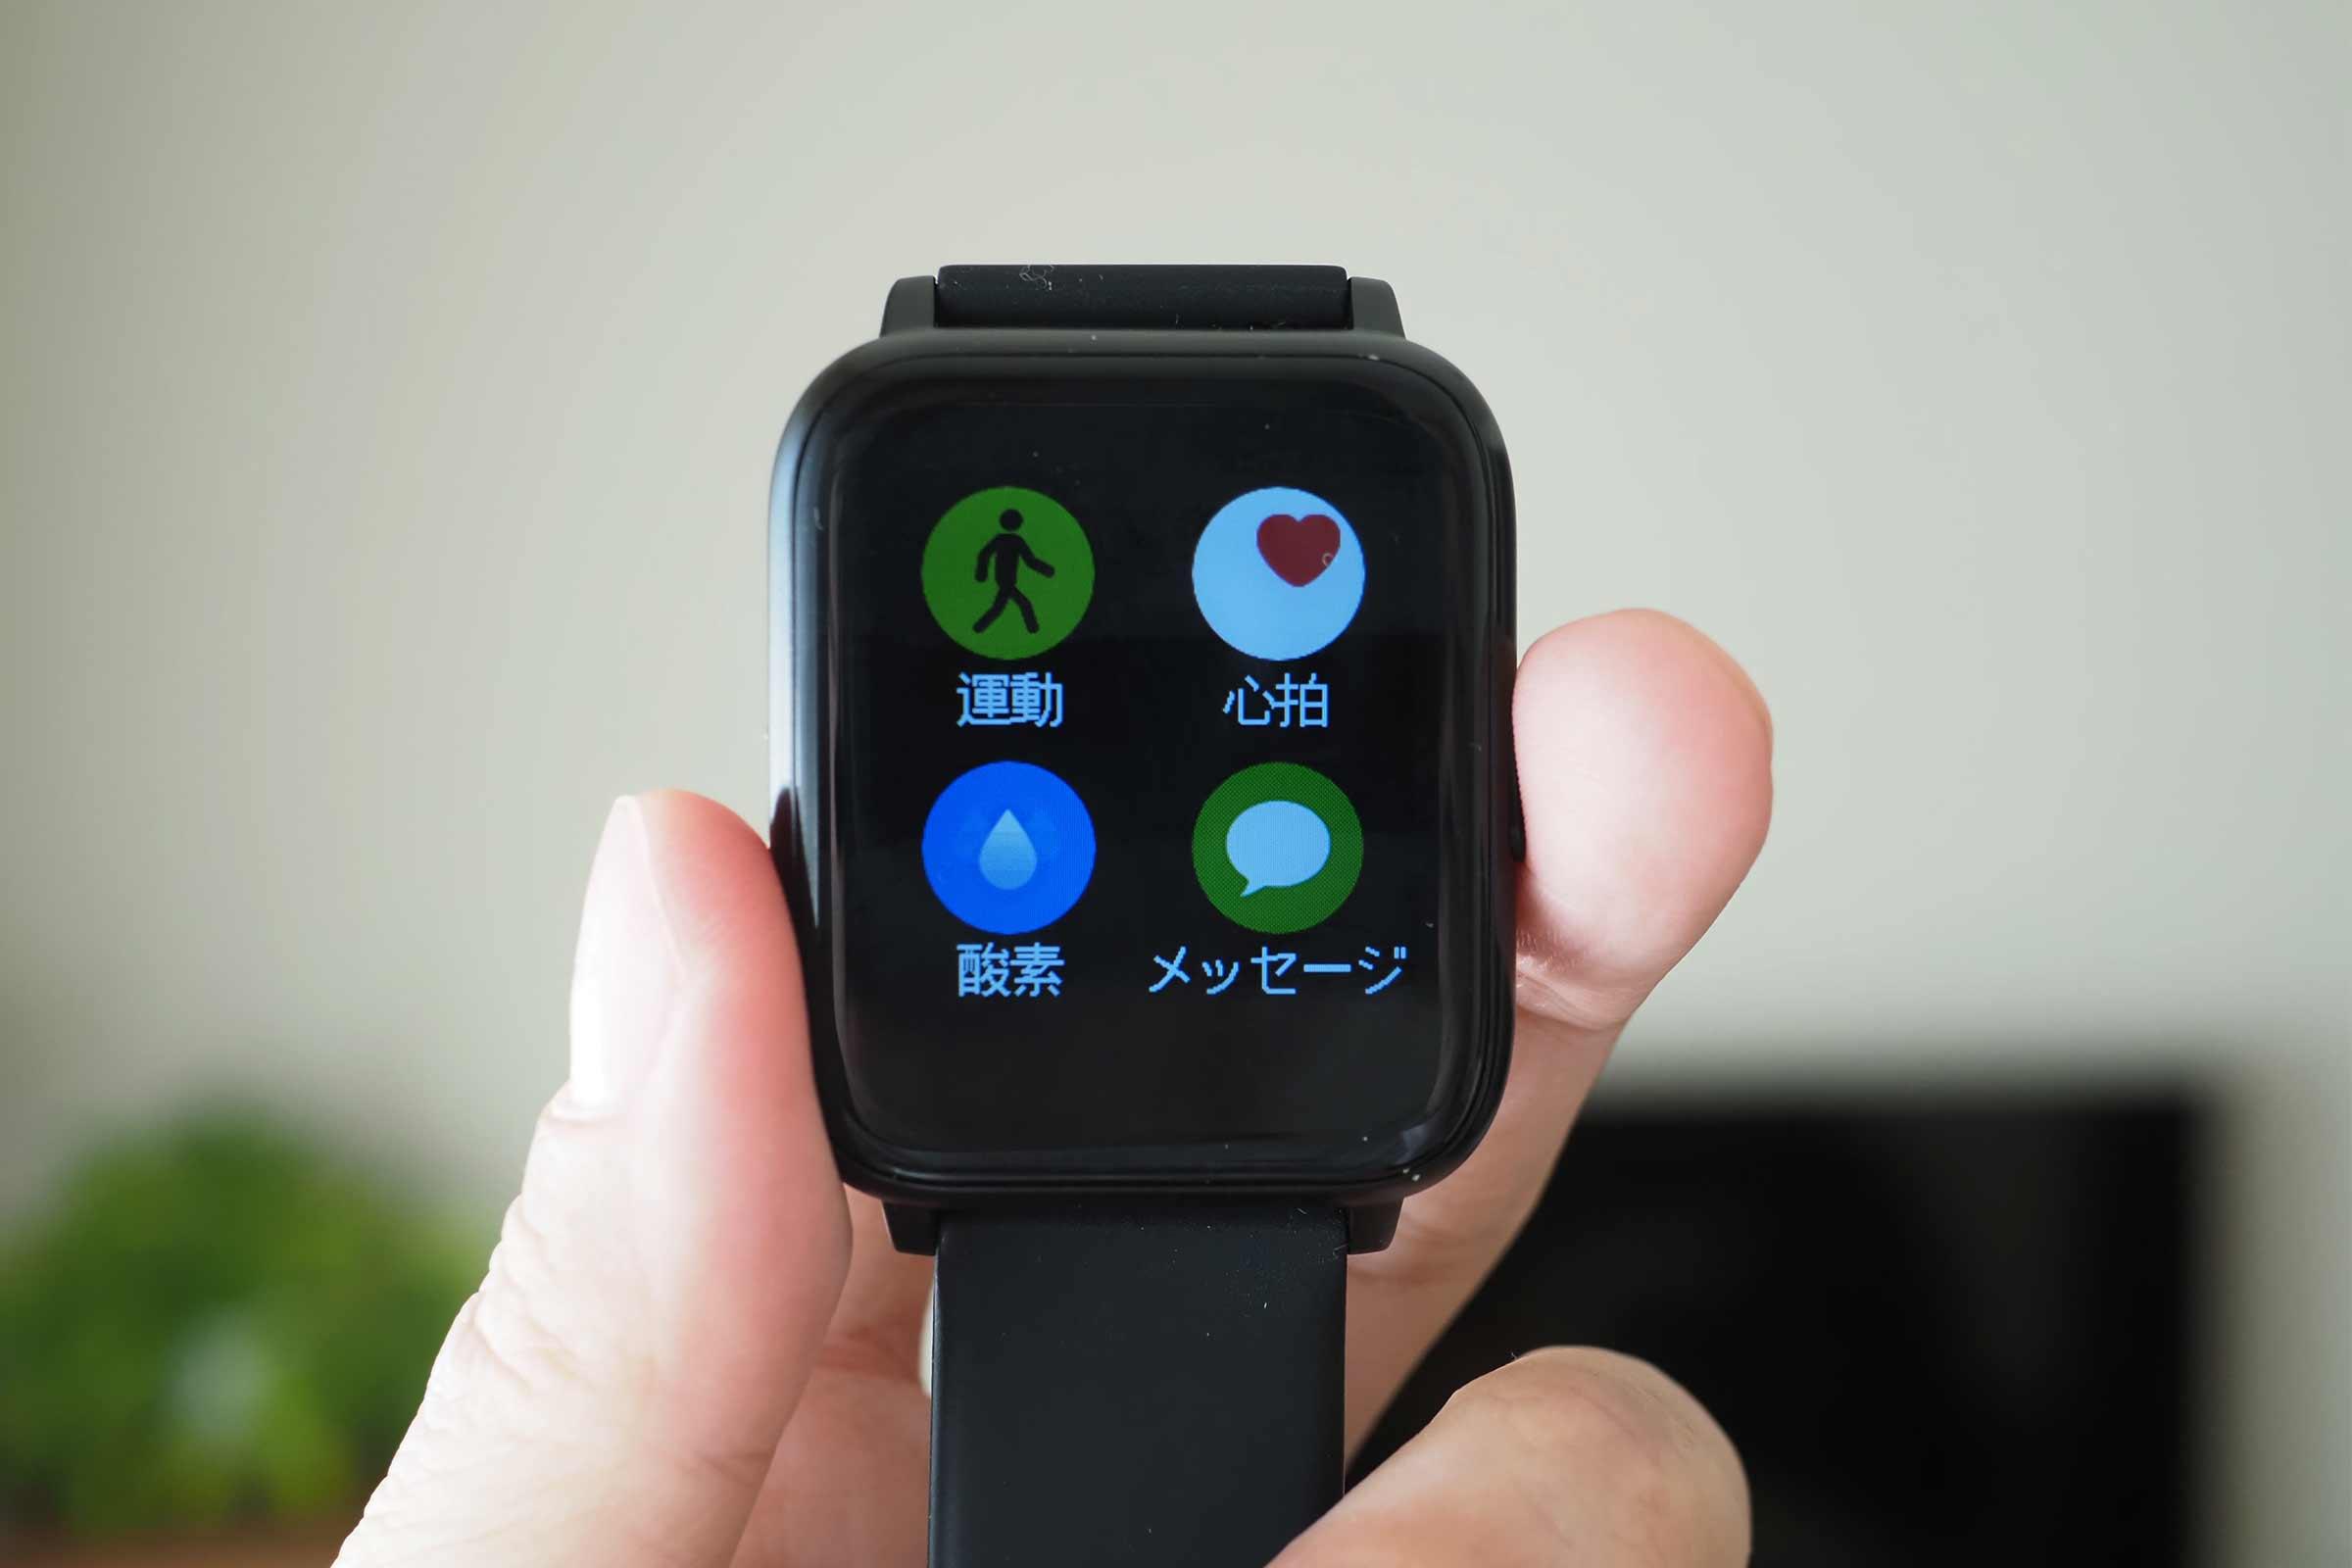 スマートウォッチ,Apple Watch,apple,高機能,安い,中華,機能